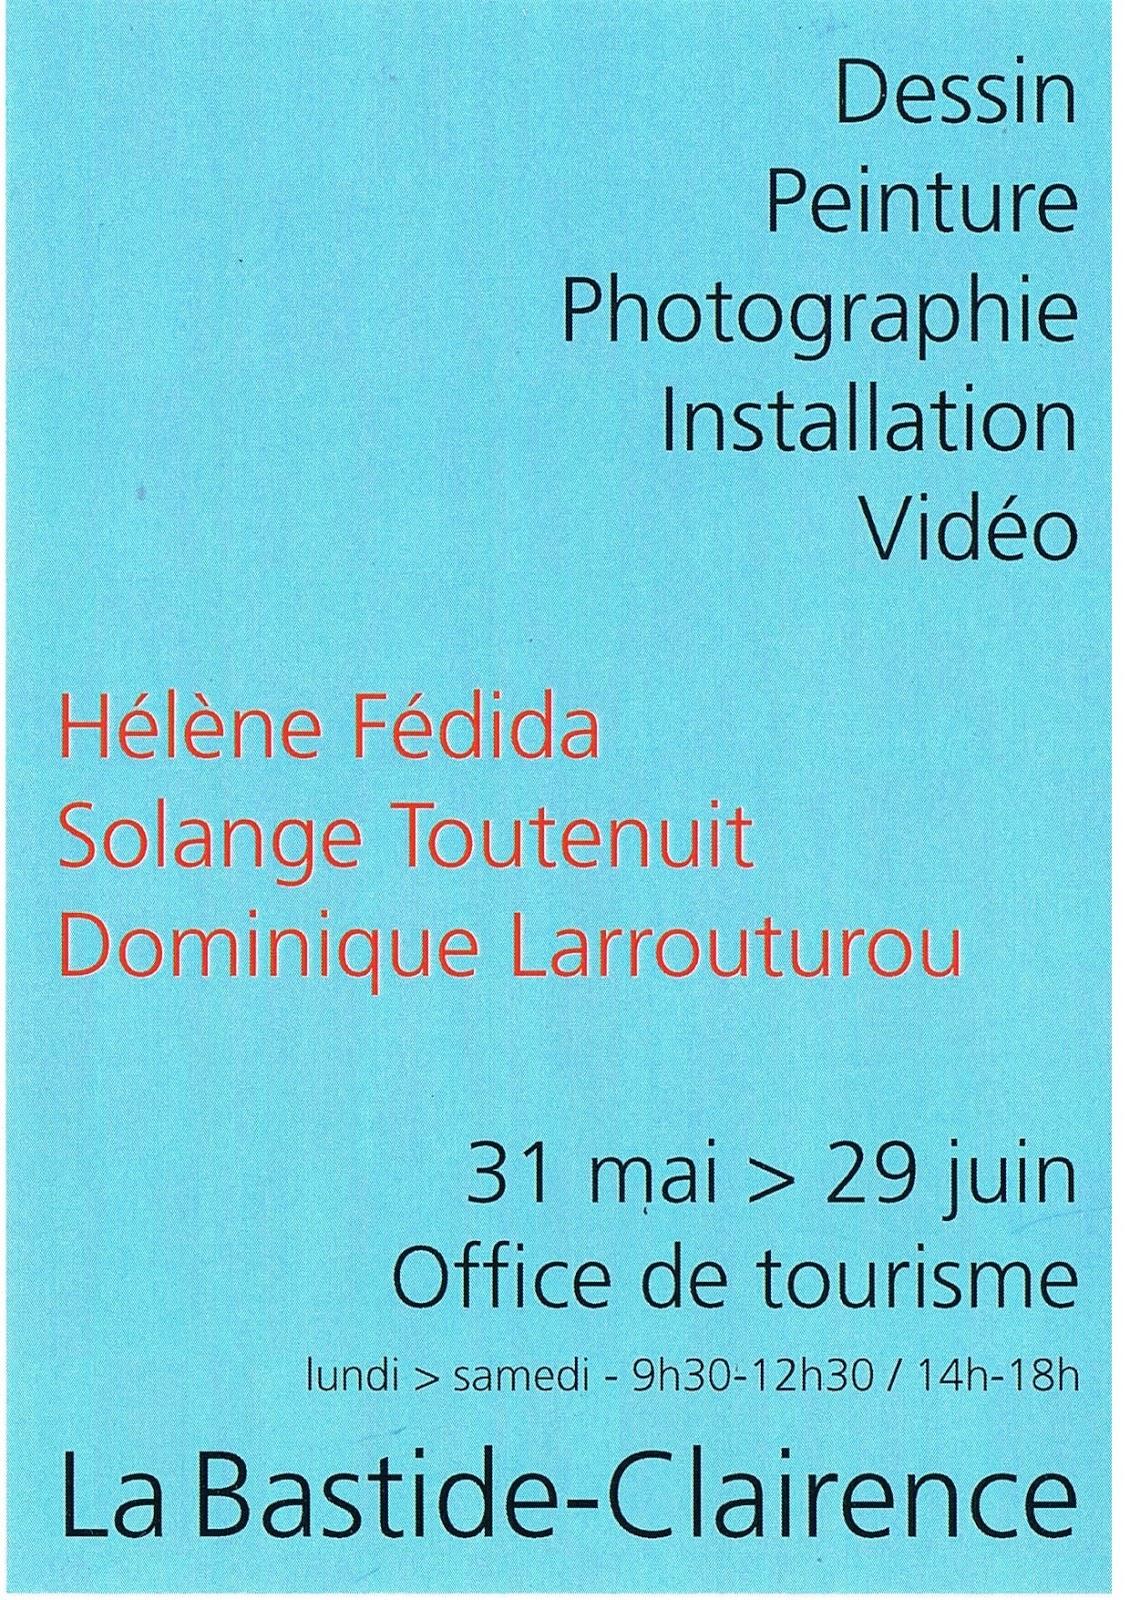 Office de tourisme du pays de hasparren et de la bastide clairence exposition dessin peinture - Office de tourisme hasparren ...